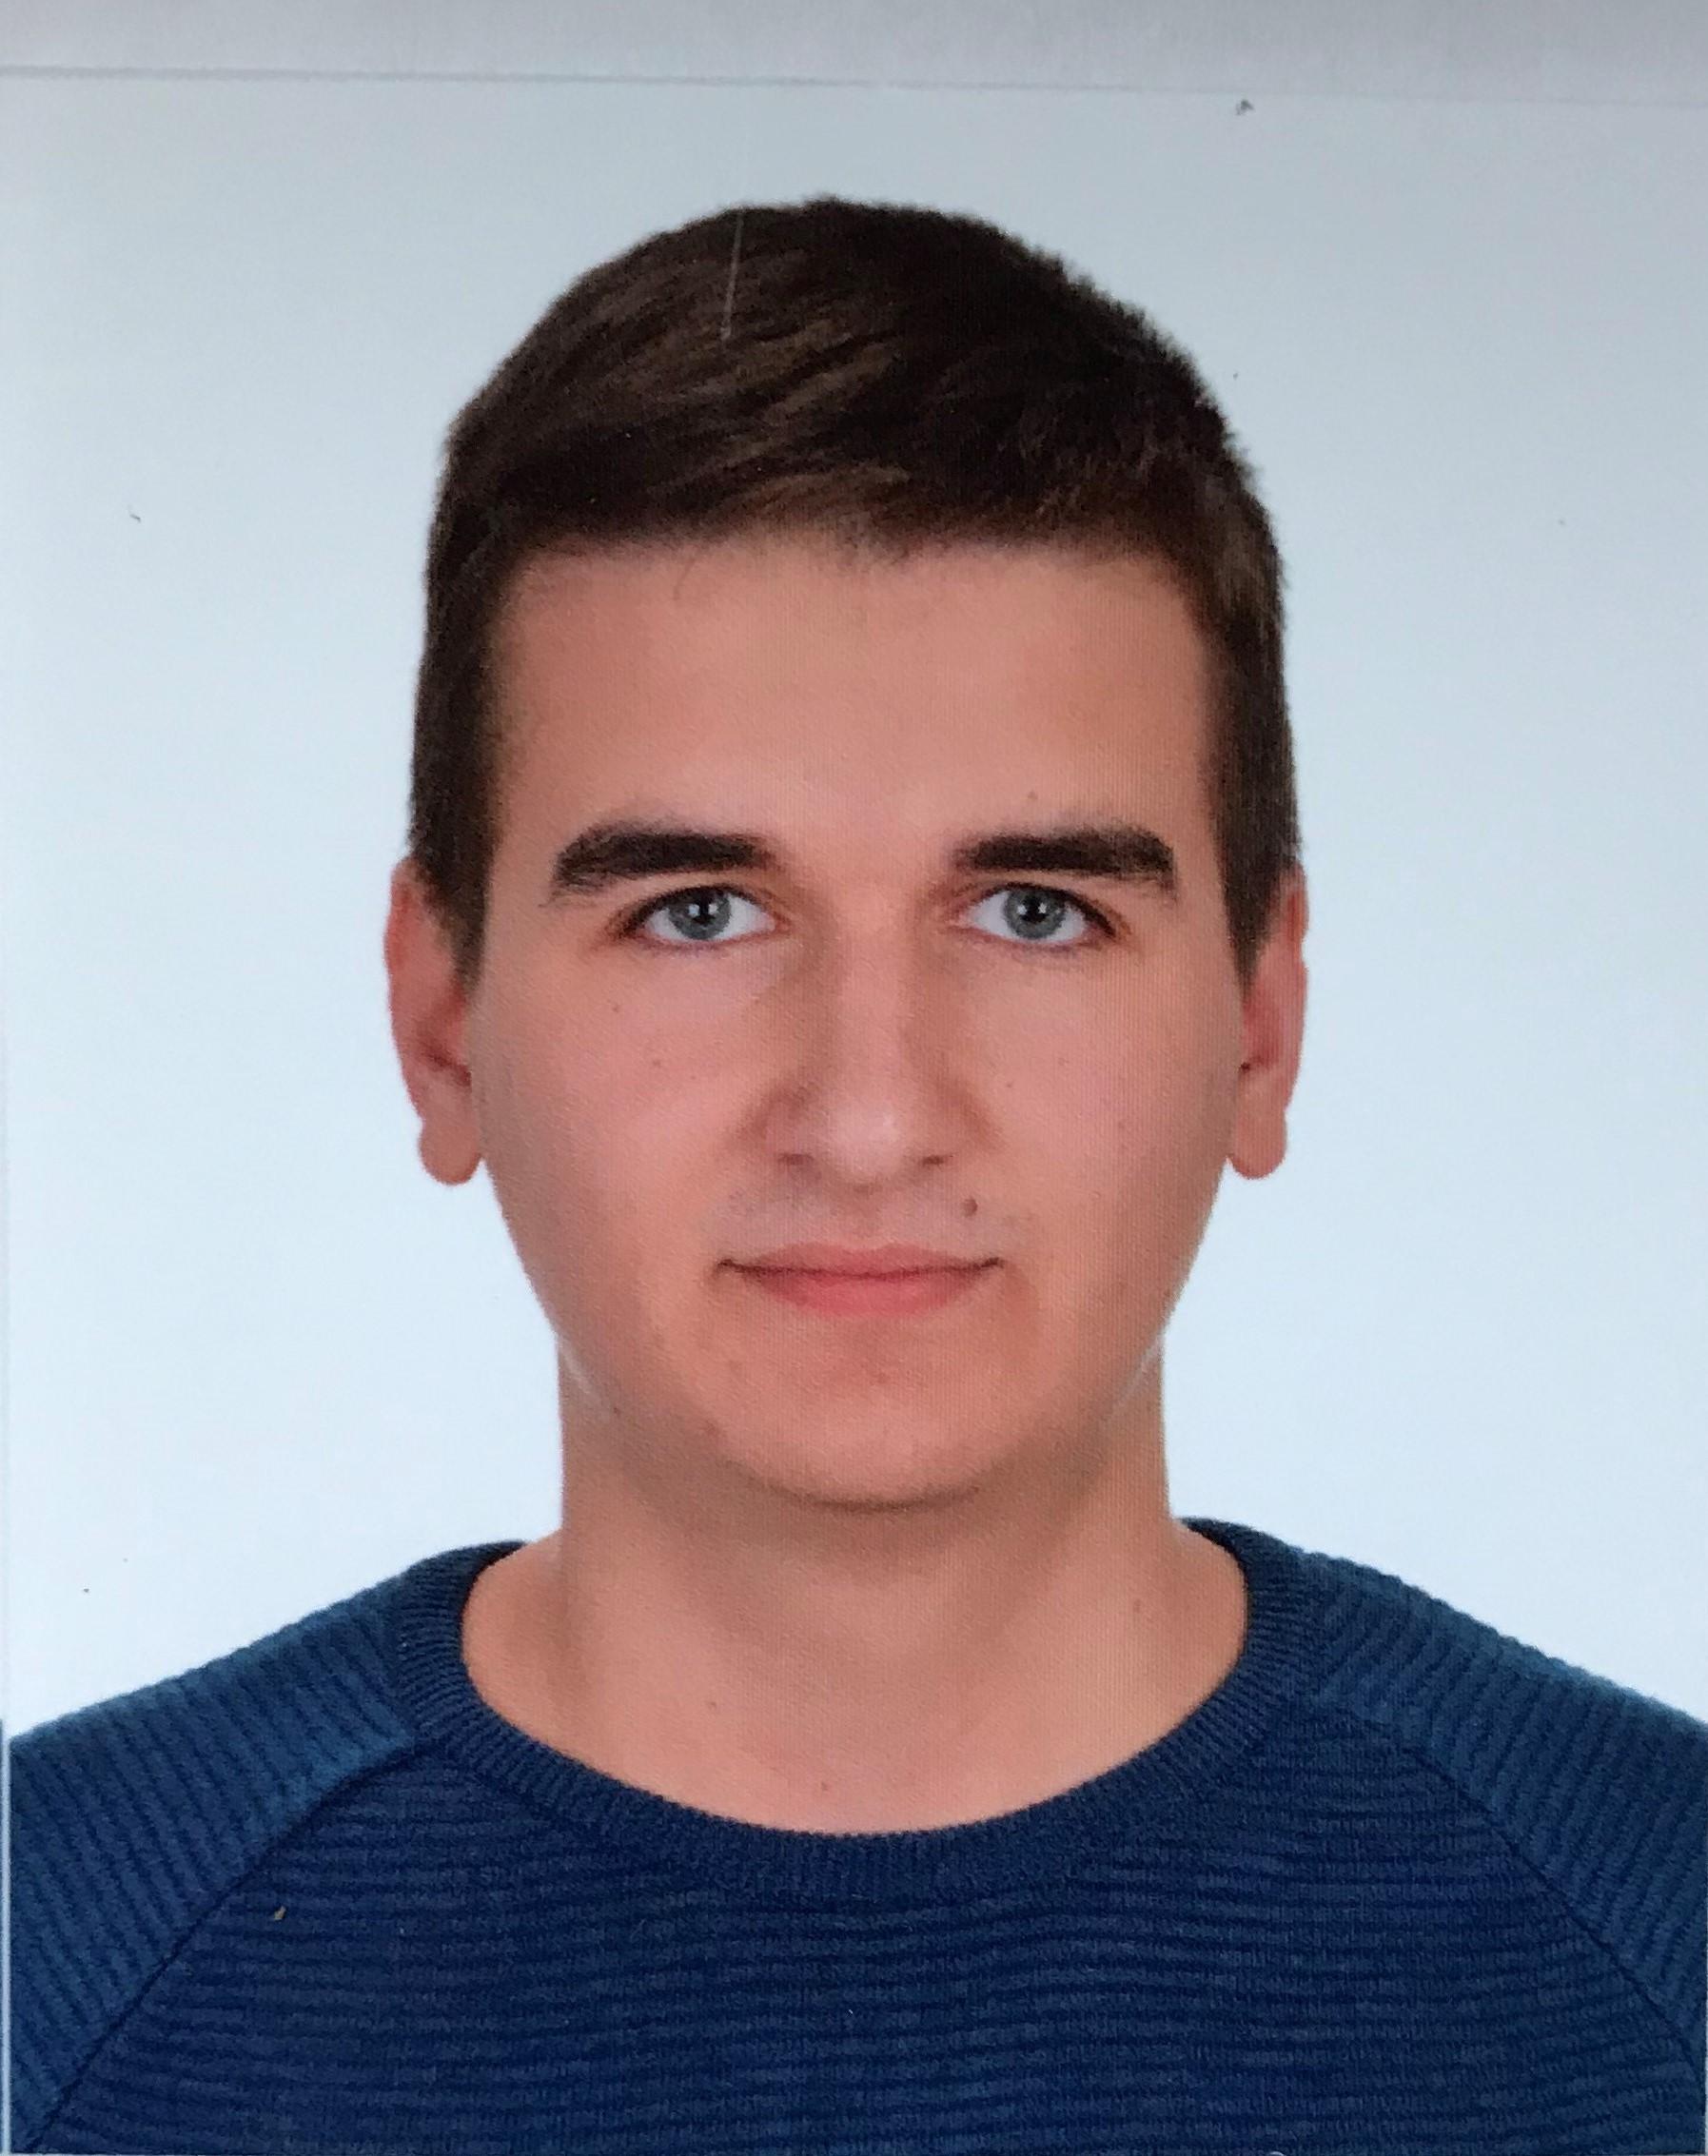 <font style=''>BARIŞ YASIN YORULMAZ</font>